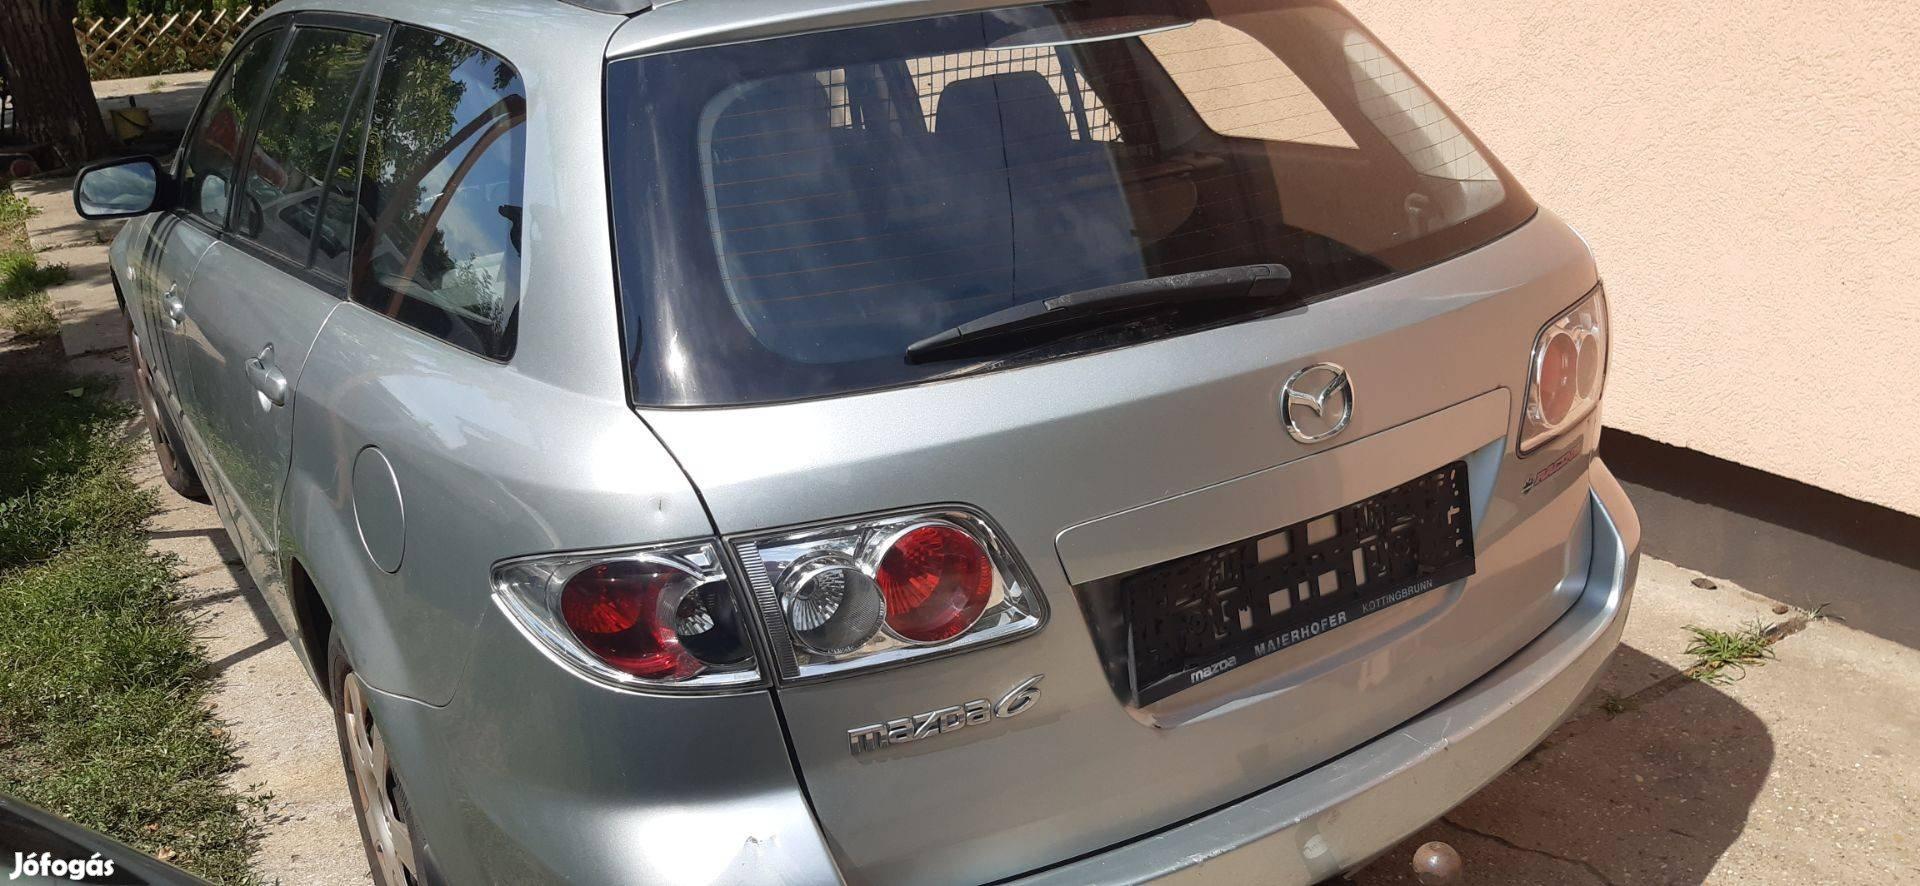 Mazda 6 bontott alkatrészek